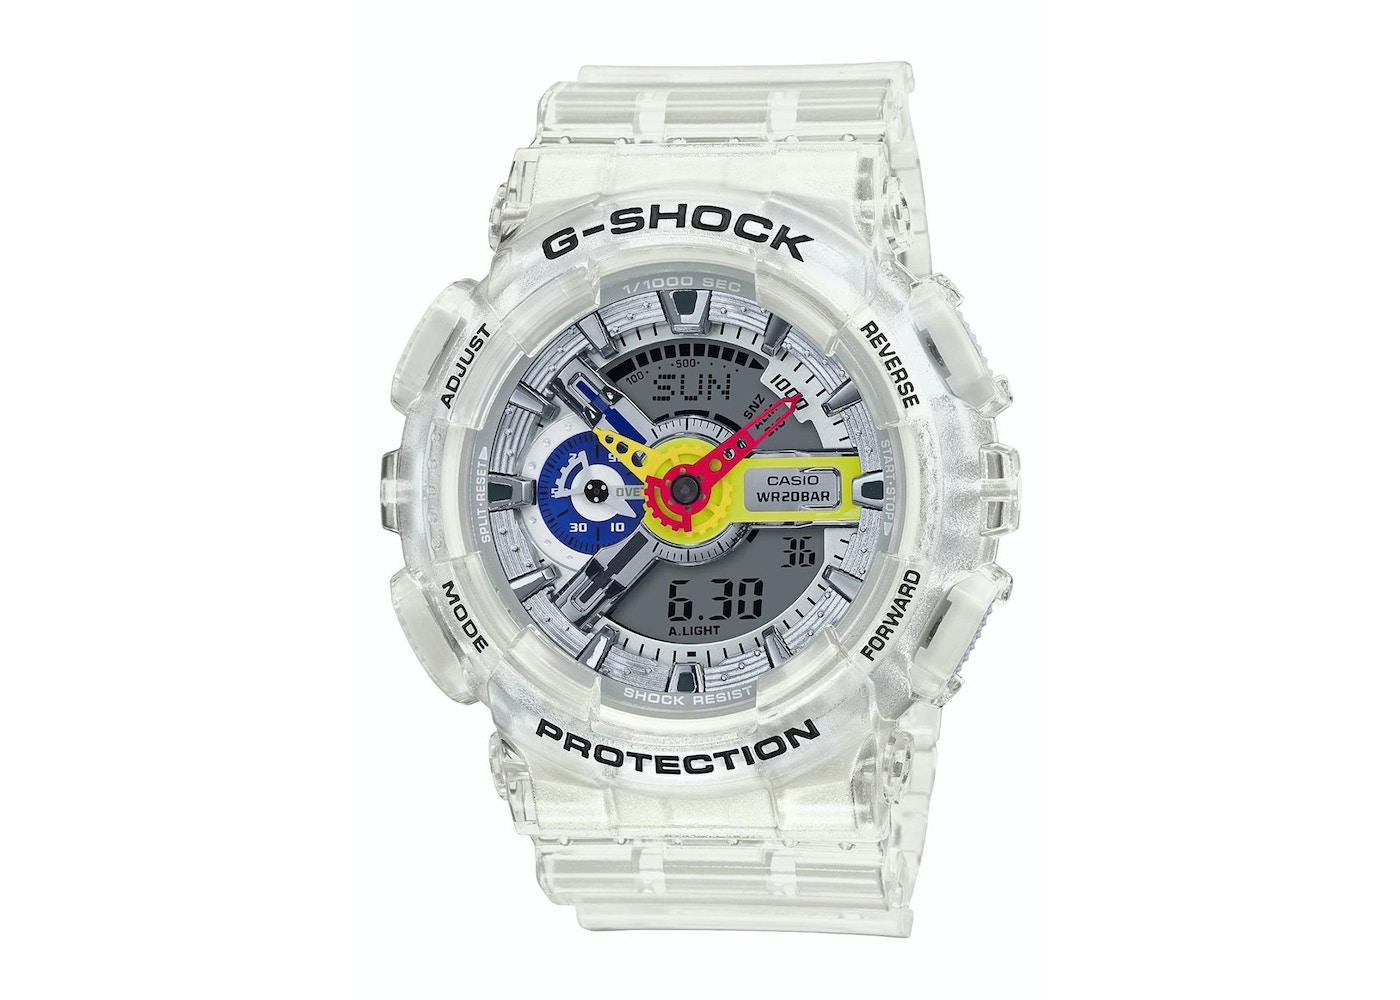 Casio G Shock X Asap Ferg Limited Edition Ga110frg 7aer 49mm